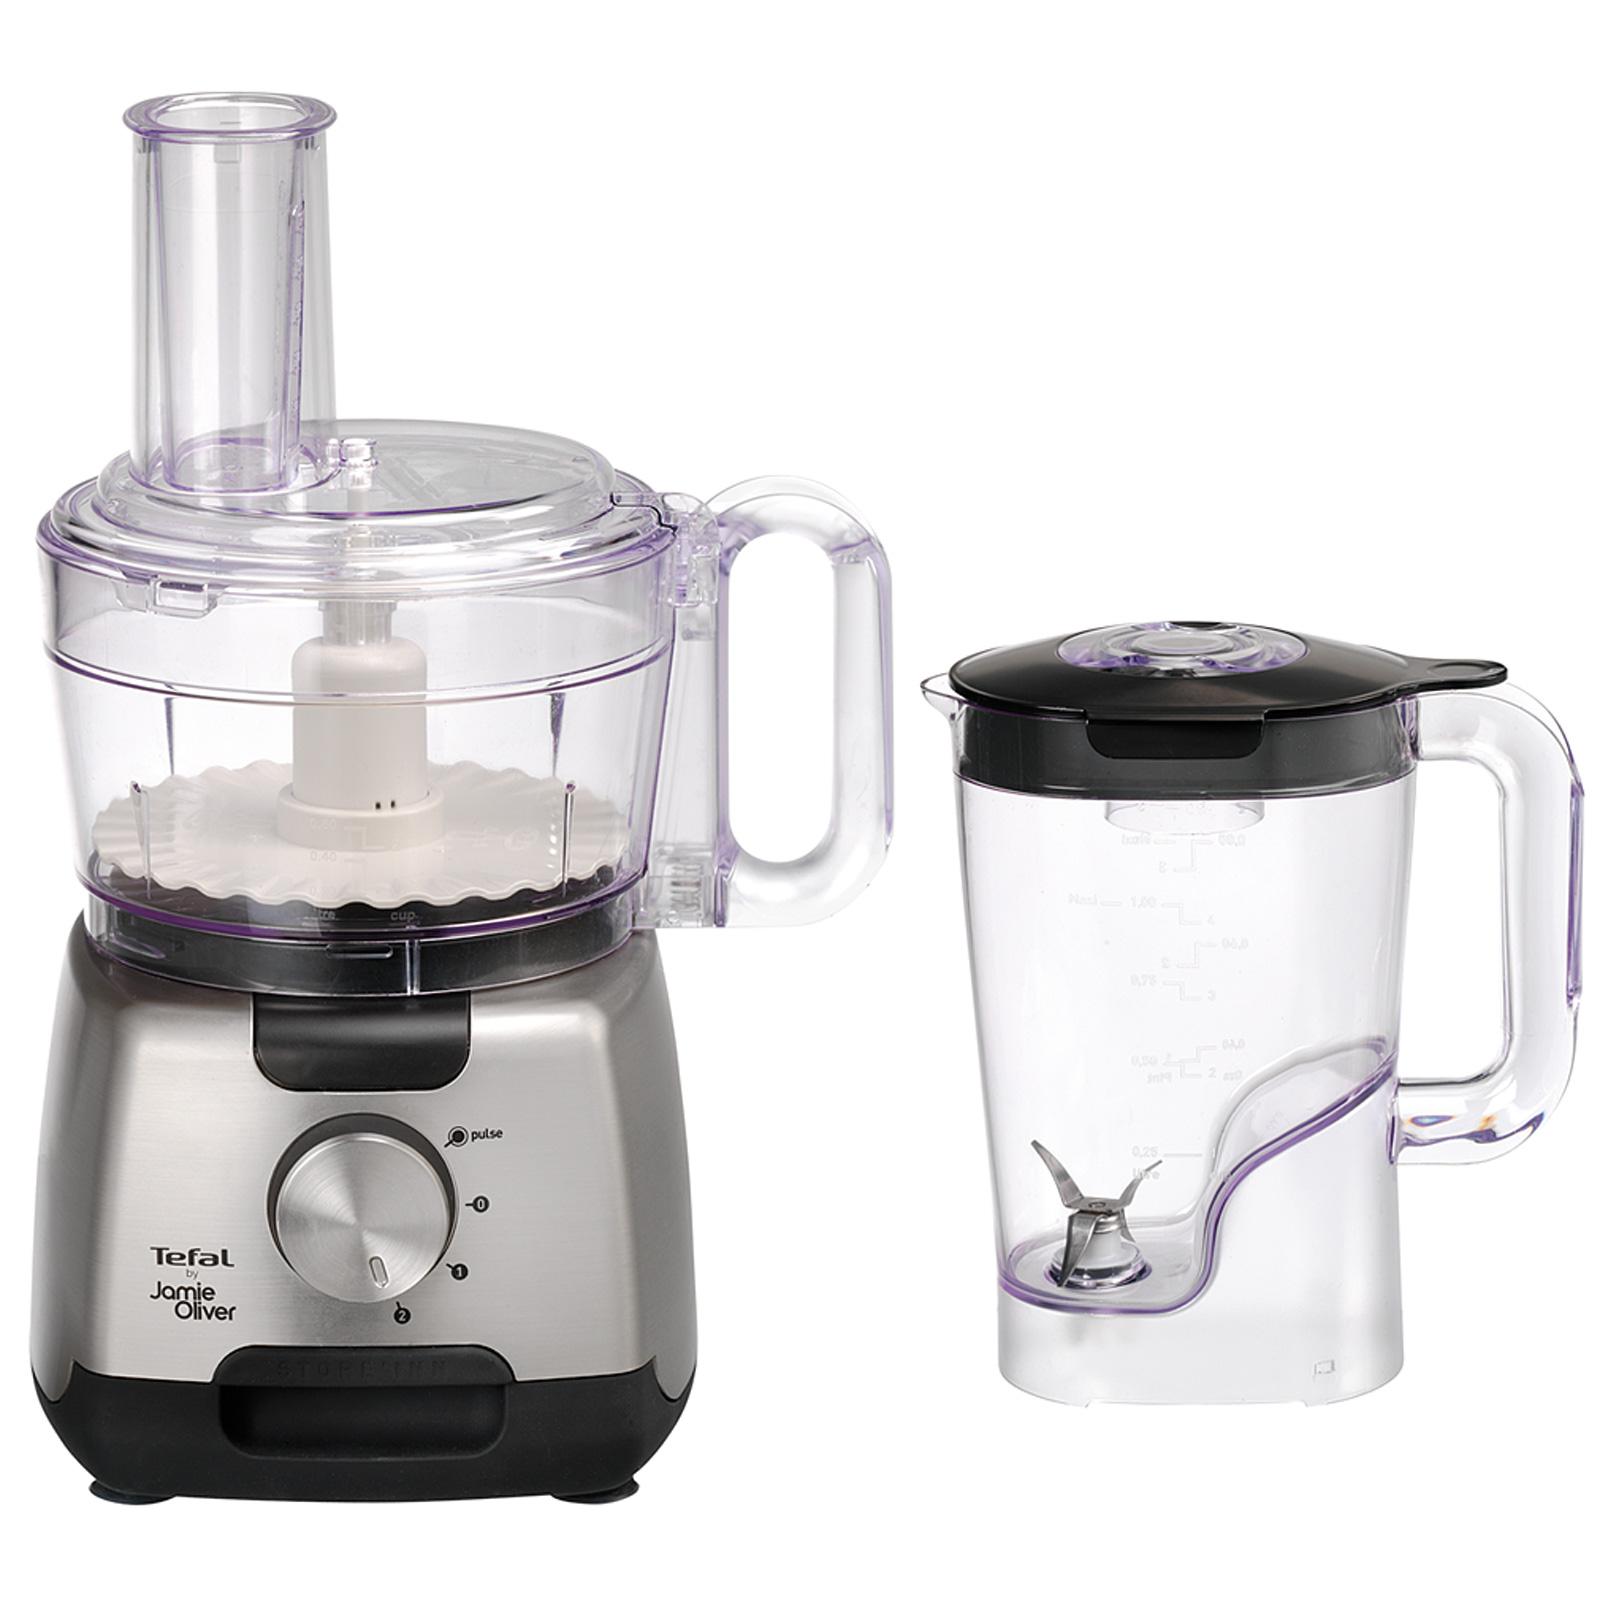 Tefal Küchenmaschine | Kleine Haushaltsgeräte Von Electronic4you